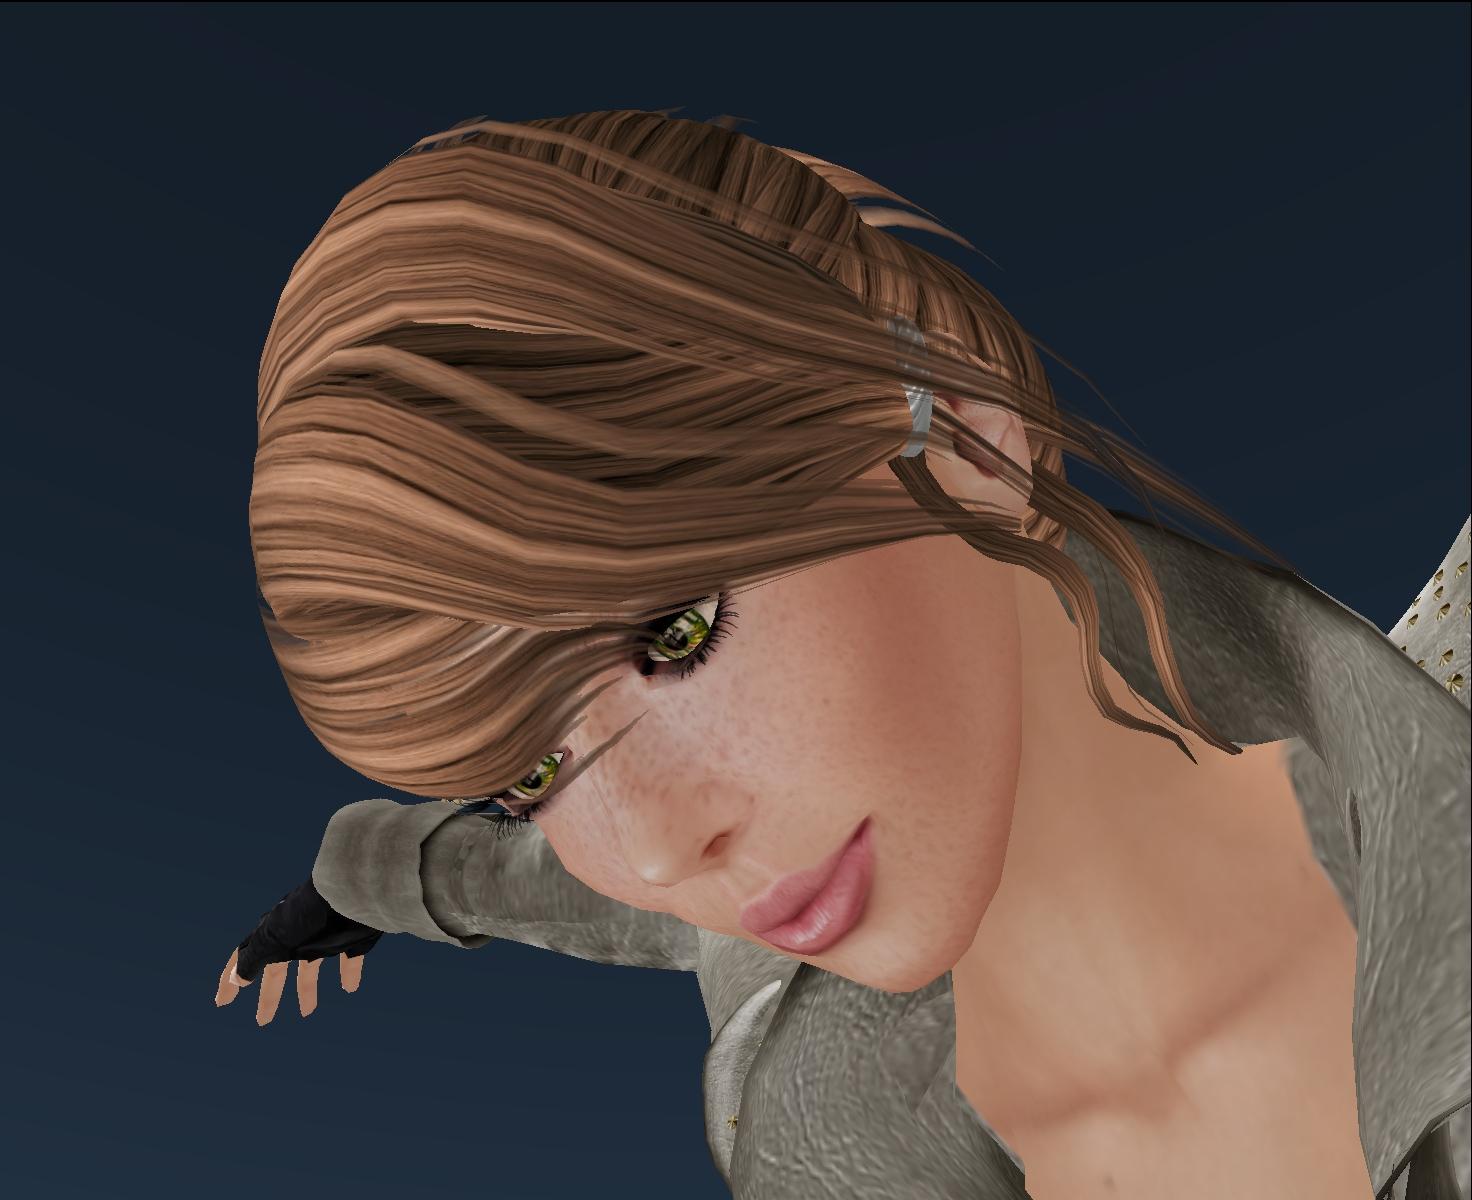 http://4.bp.blogspot.com/_fHcdFXy_4Bo/TNVxbxSjEAI/AAAAAAAACyk/fm6do2rG0vM/s1600/Edoxi+face+-+Dark+mOuse+hair+III_001.jpg